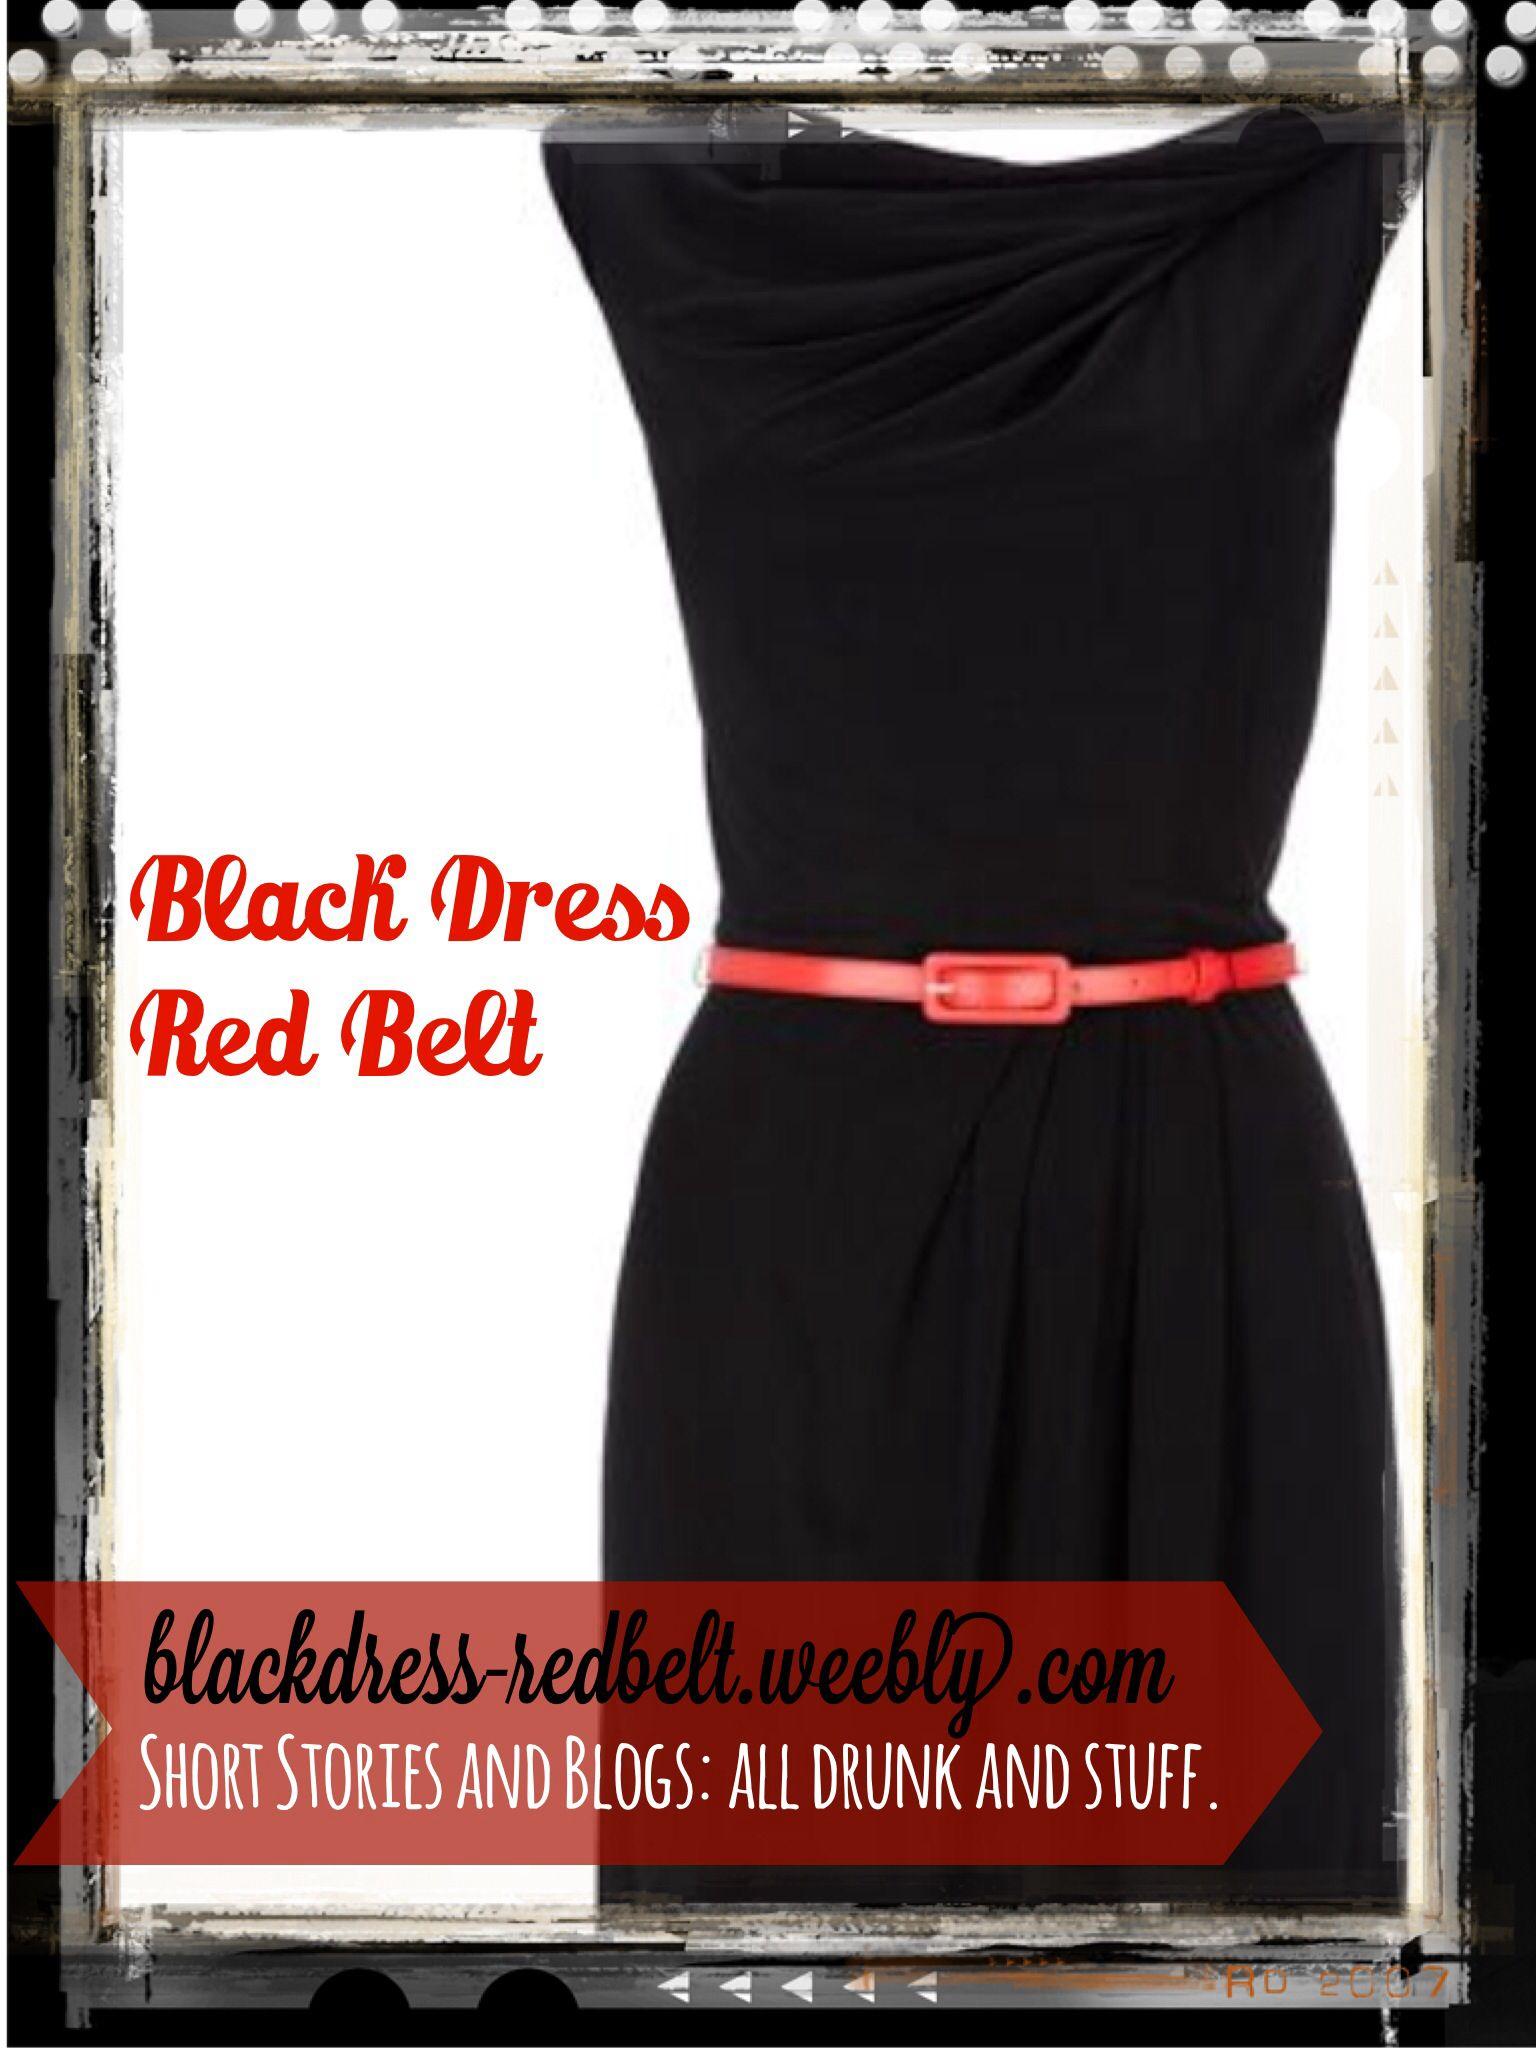 Black dress red belt dressredbeltweebly twitter